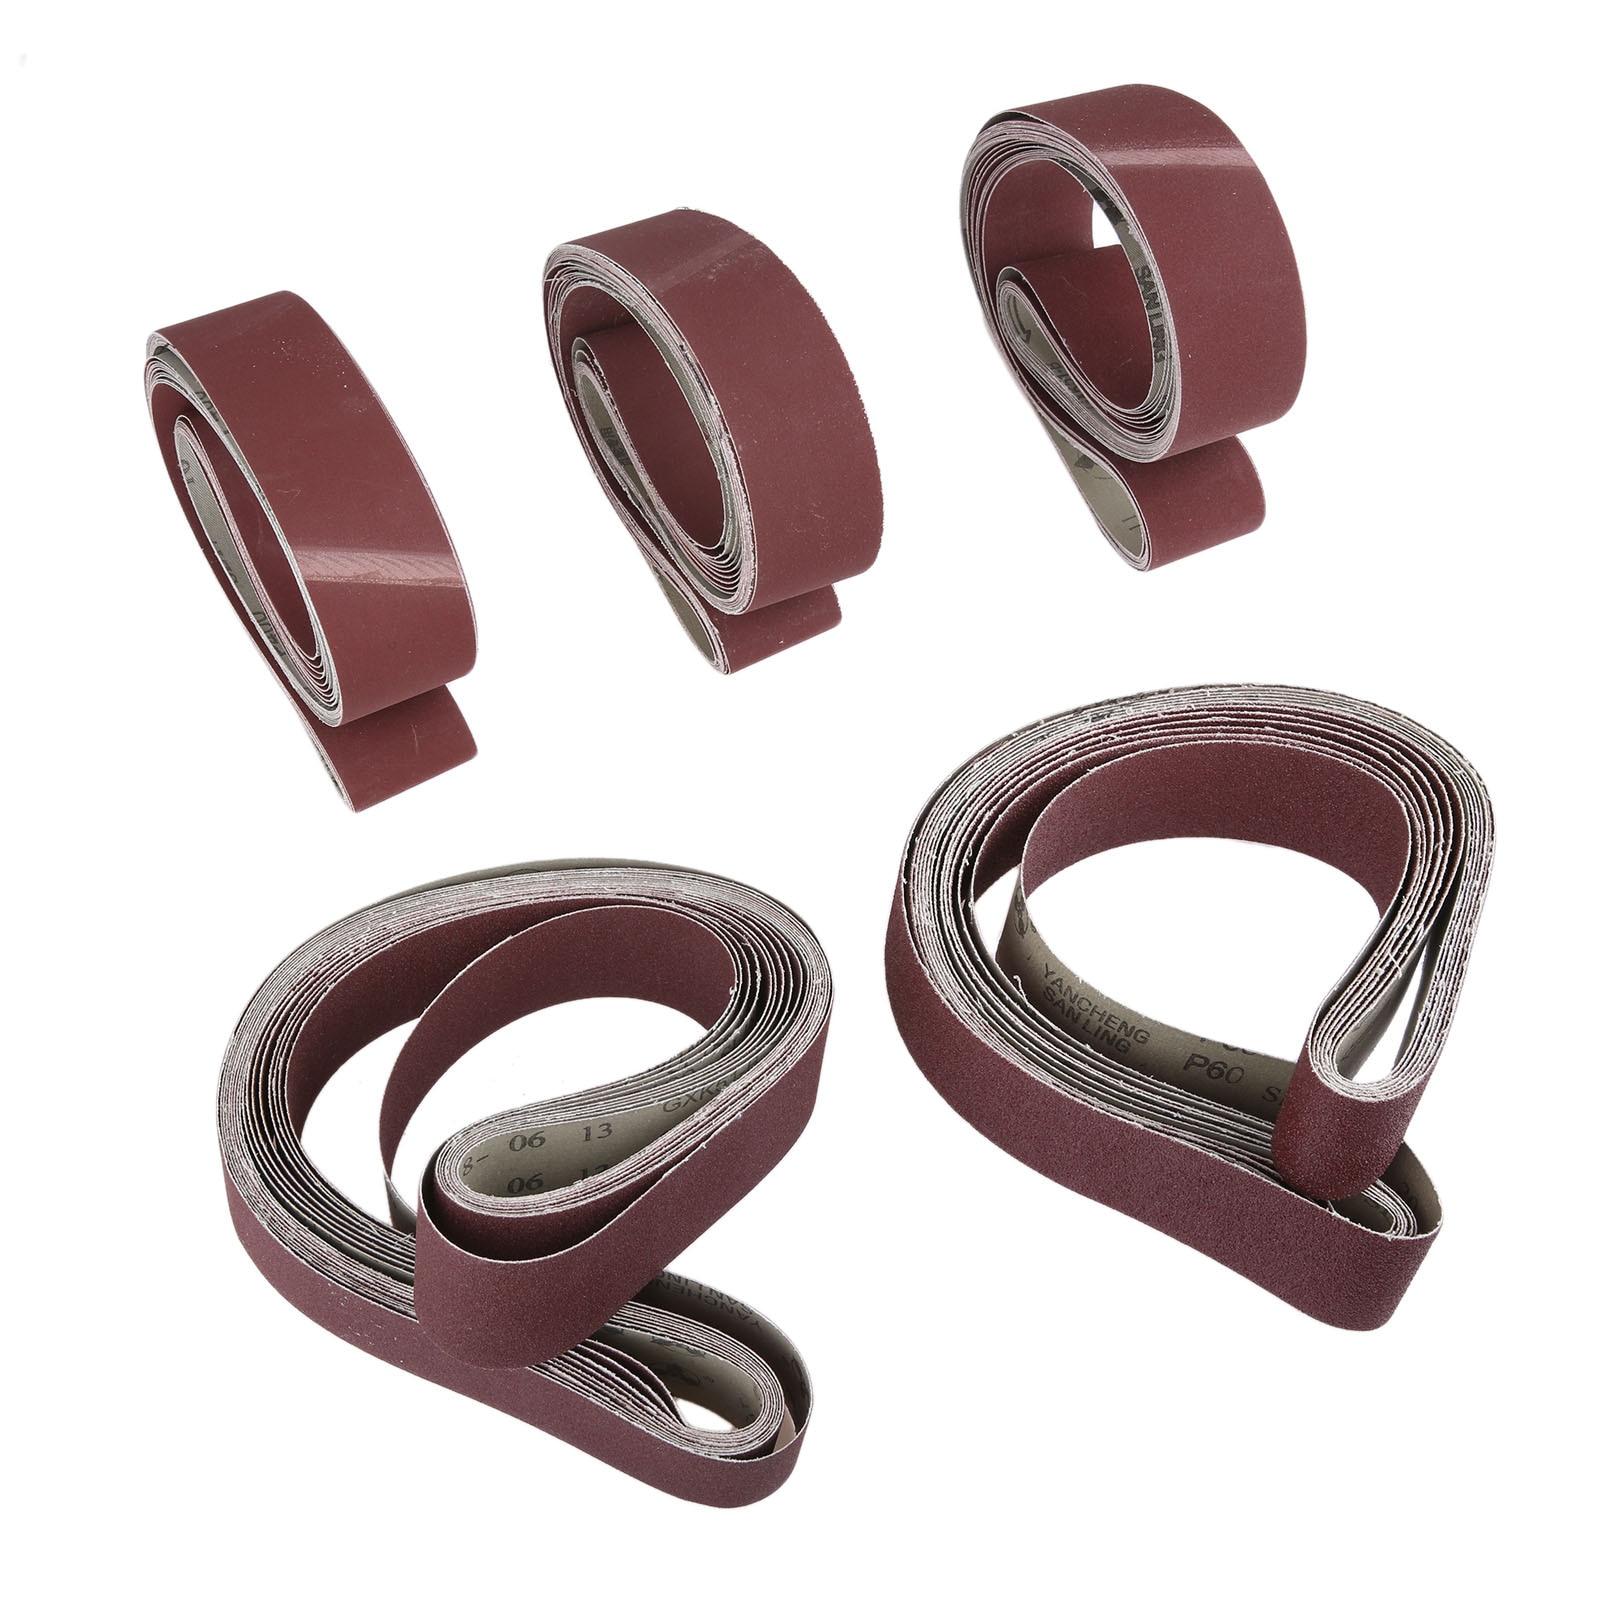 DRELD 10Pcs 50x1220mm Polishing Abrasive Sanding Belts Grit 60-600 Coarse Grinding Belt Grinder Sander Belt Dremel Accessories